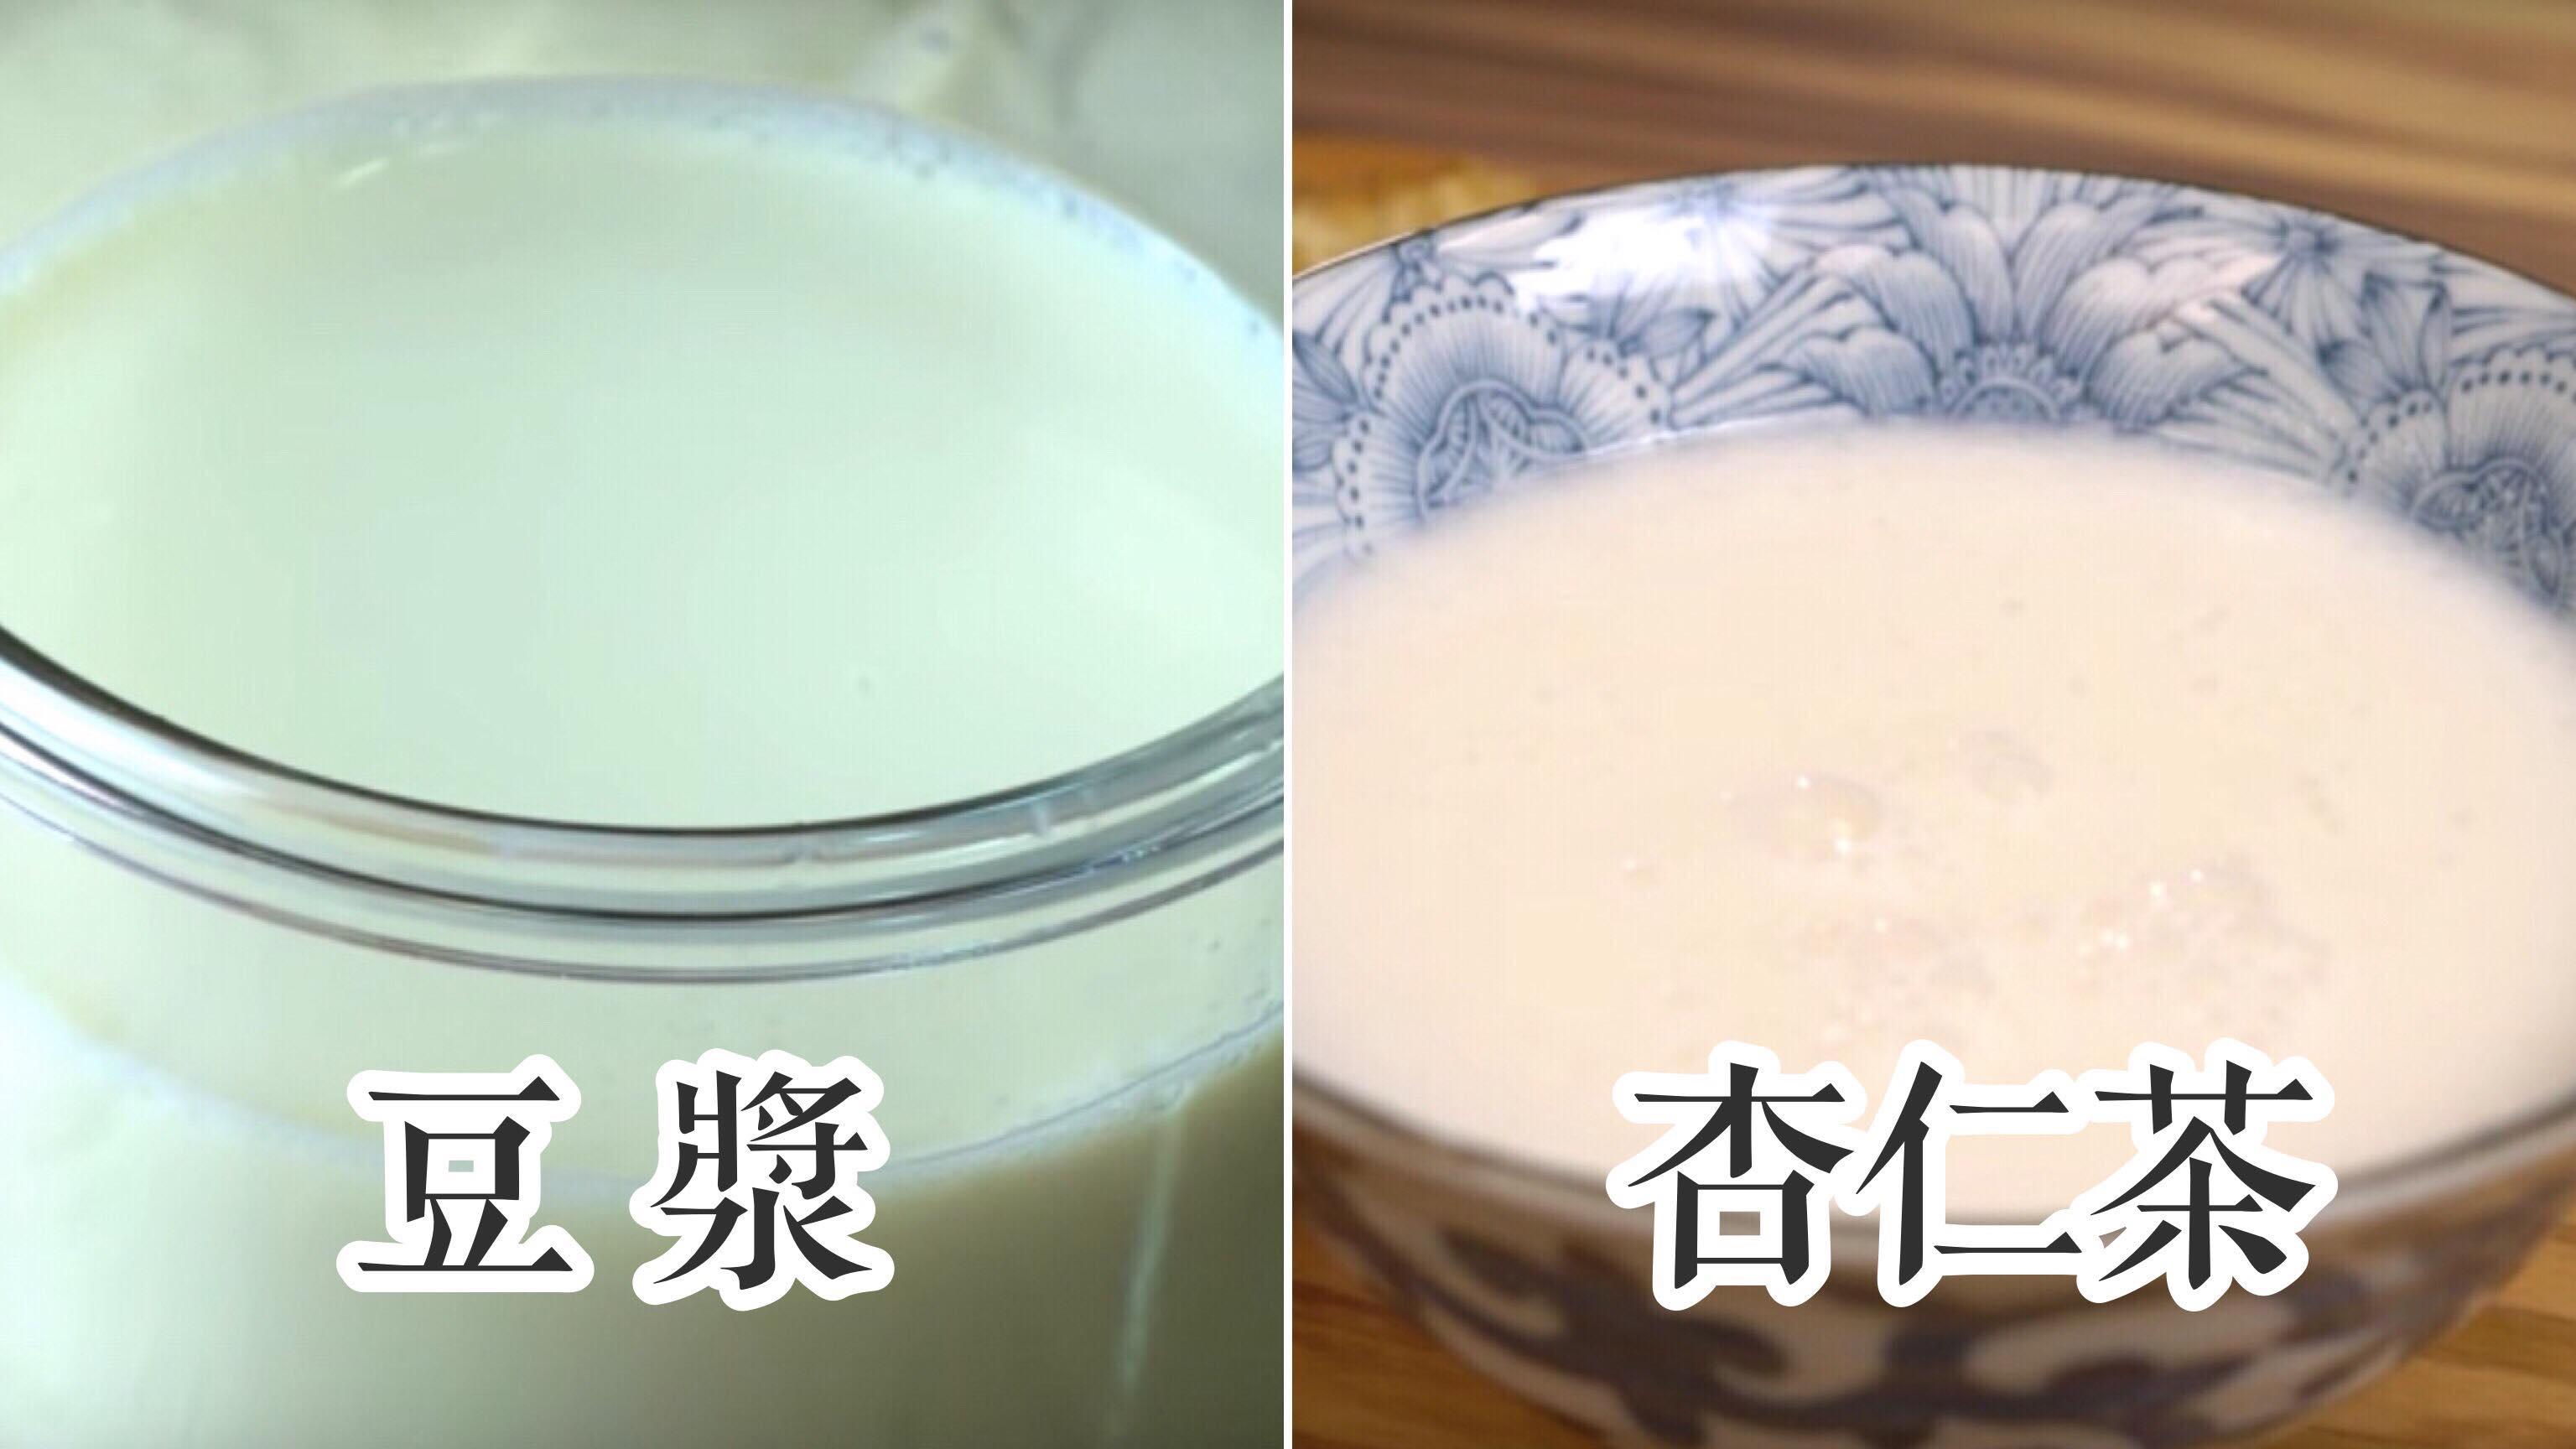 濃郁醇香的古早味飲品! 杏仁茶、豆漿香濃的秘訣做法,養生也可以很簡單